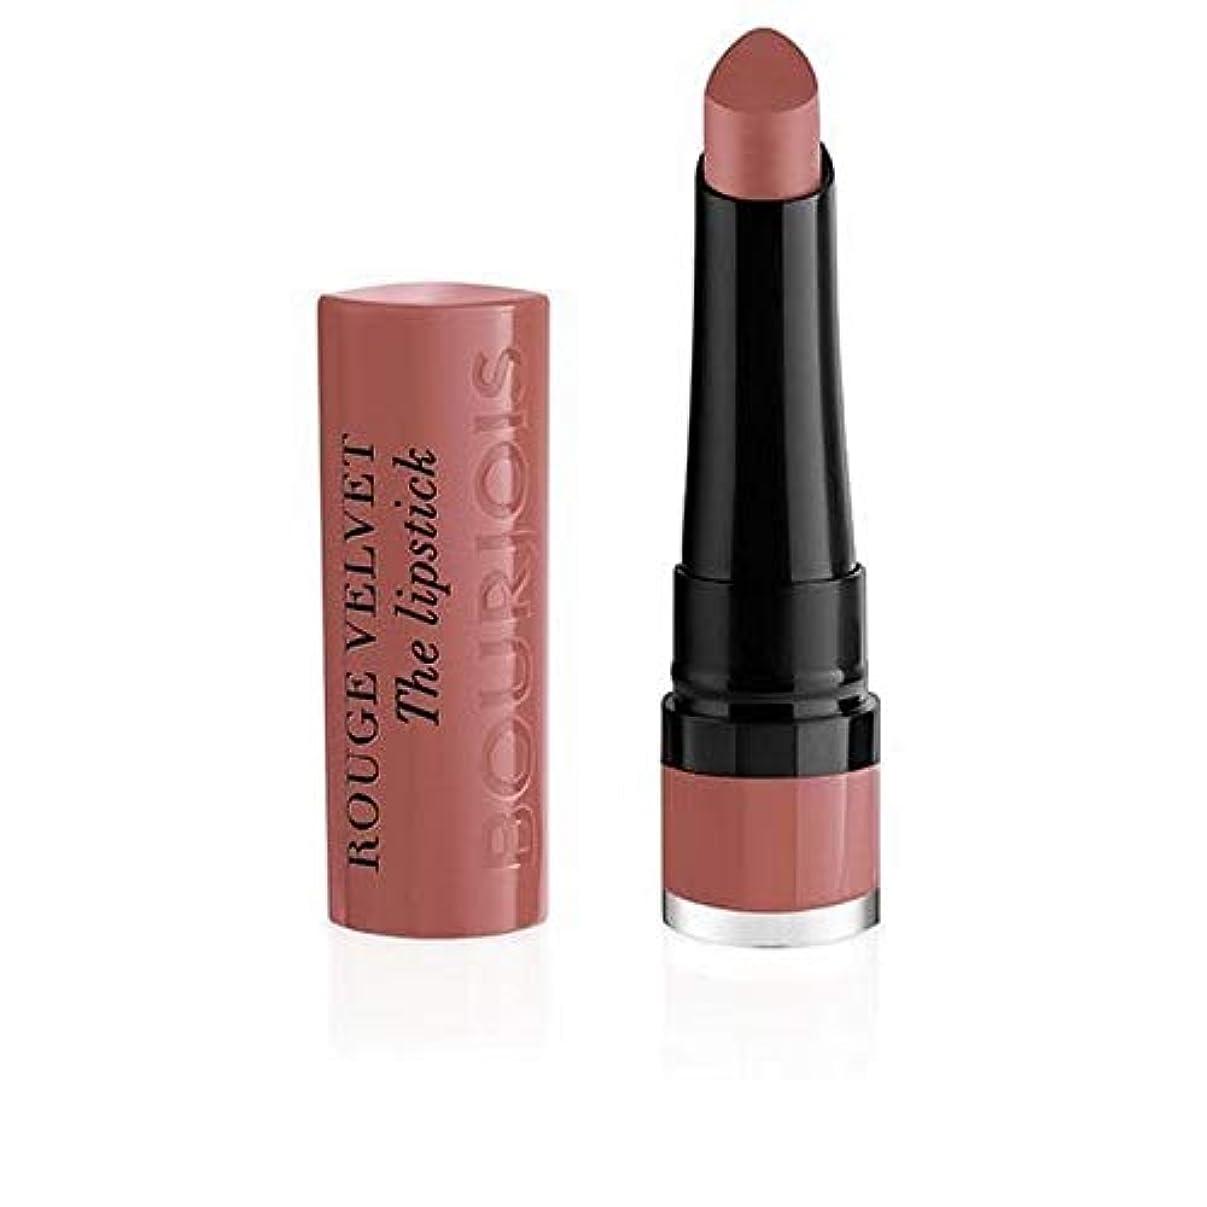 邪悪な下に近く[Bourjois ] ルージュのベルベットの口紅13 Nochalicious - Rouge Velvet The Lipstick 13 Nochalicious [並行輸入品]